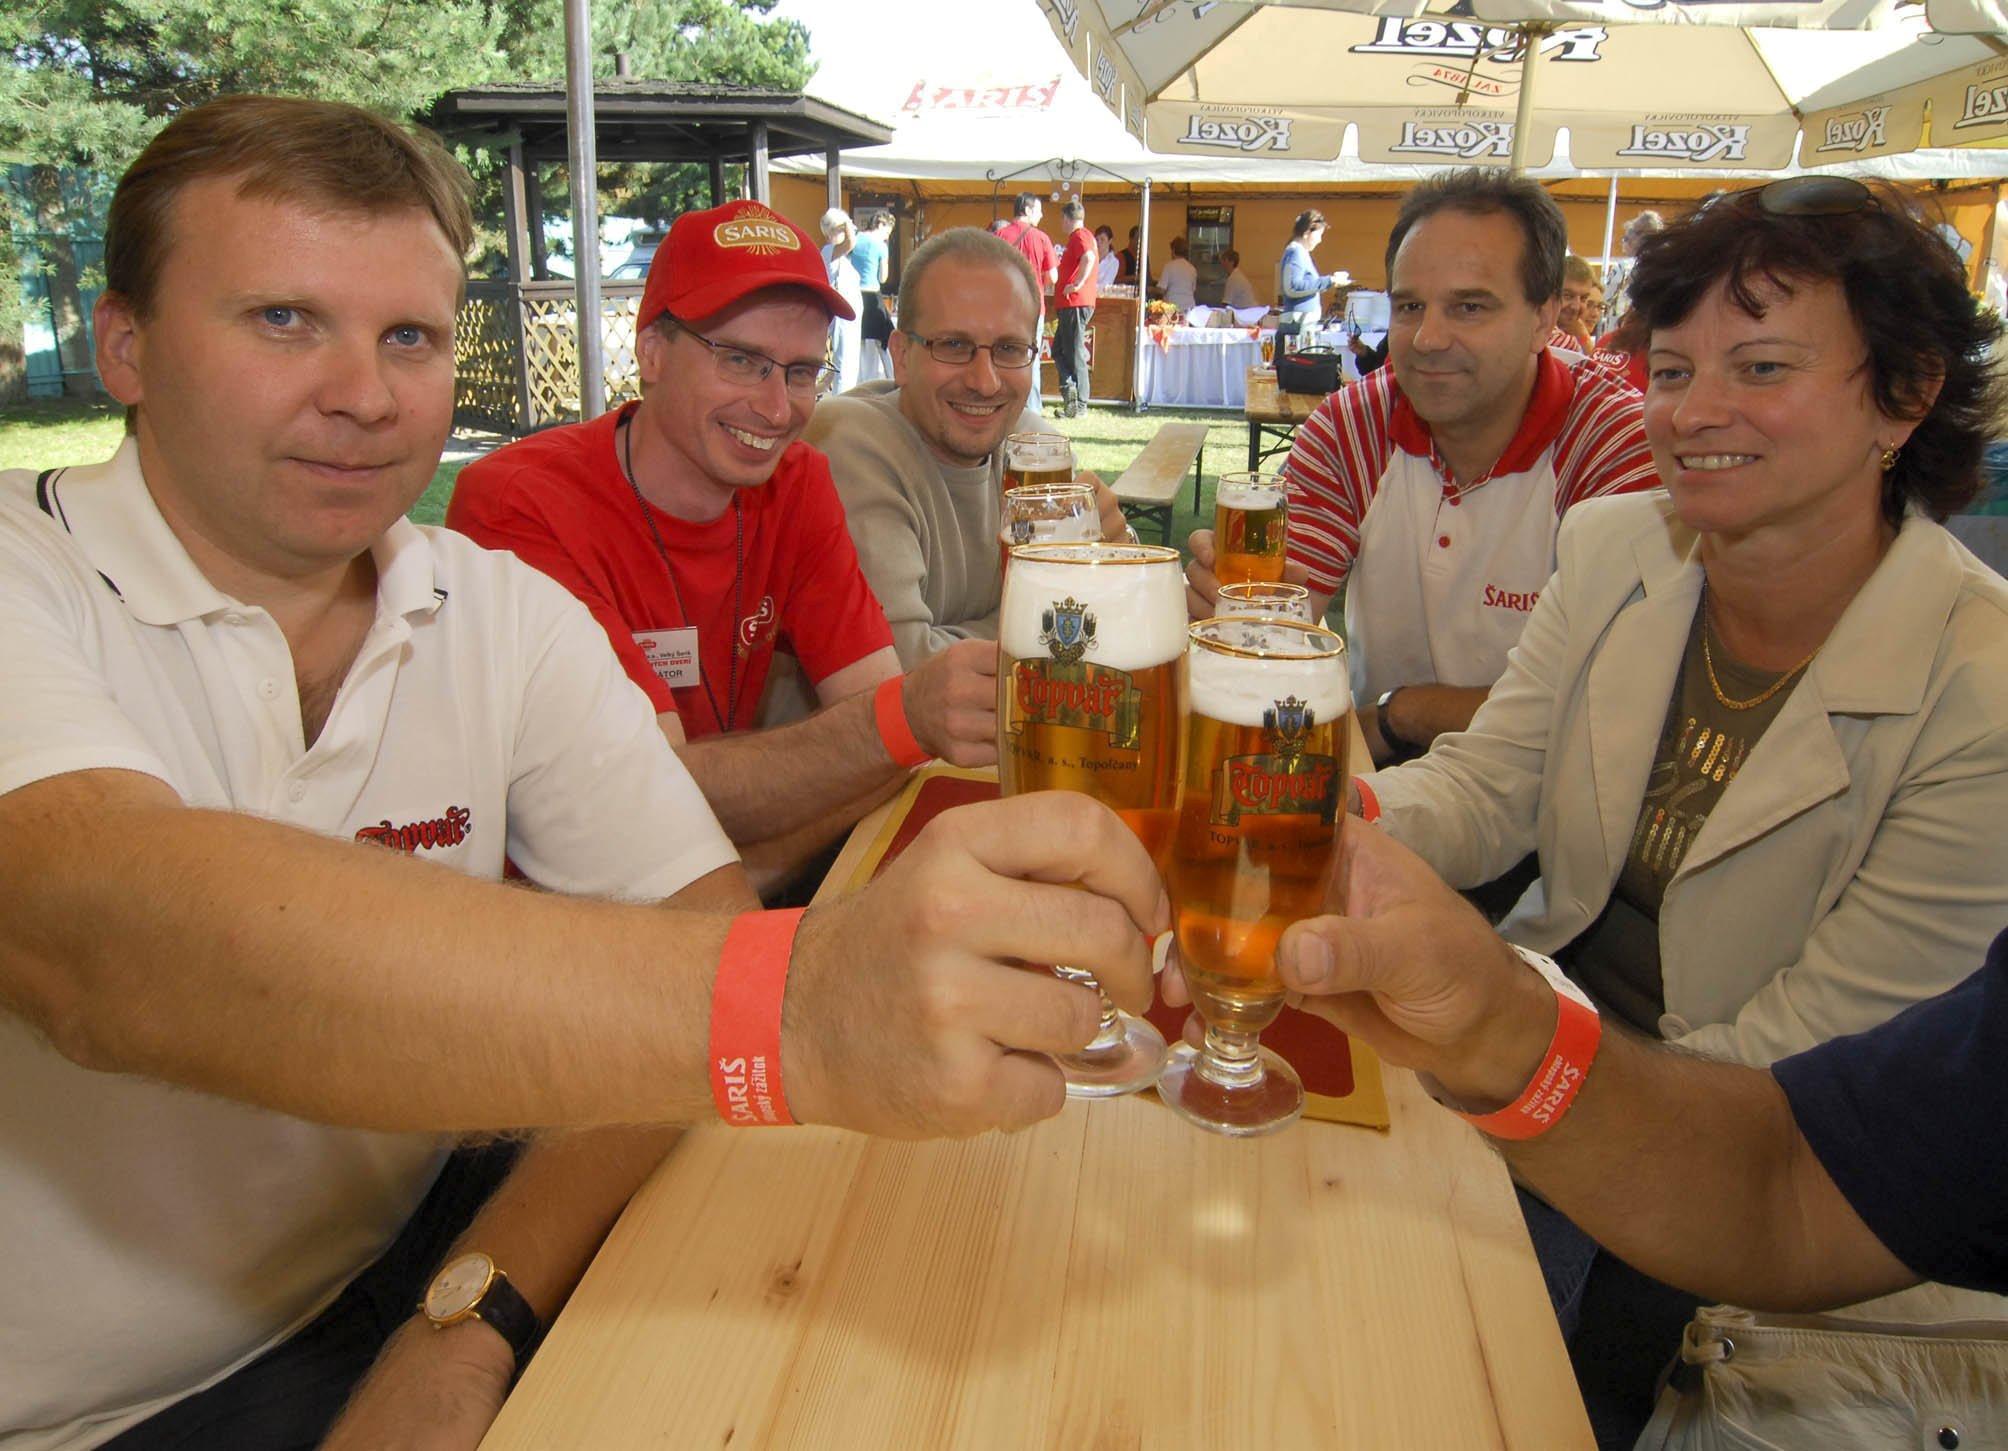 """Po deviatykrát 9. septembra 2006 Pivovar Šariš otvoril svoje brány verejnosti a privítal návštevníkov na Dni otvorených dverí. Bohatý program a špecialita - nepasterizované pivo Šariš iba do popoludnia prilákali vyše 11-tisíc návštevníkov. Na snímke v¾avo Imrich Havriš ,generálny riadite¾ Pivovaru ŠARIŠ, a.s., a vpravo ¼ubomíra Beòovièová, predsedkyòa odborovej organizácie pivovaru TOPVAR, spolu s ïašími manažérmi si pripili na fúziu pivovaru Šariš a Topvaru s heslom: """" Pivo spája východ a západ Slovenska, šariš, pivo, pivovar, súťaž"""